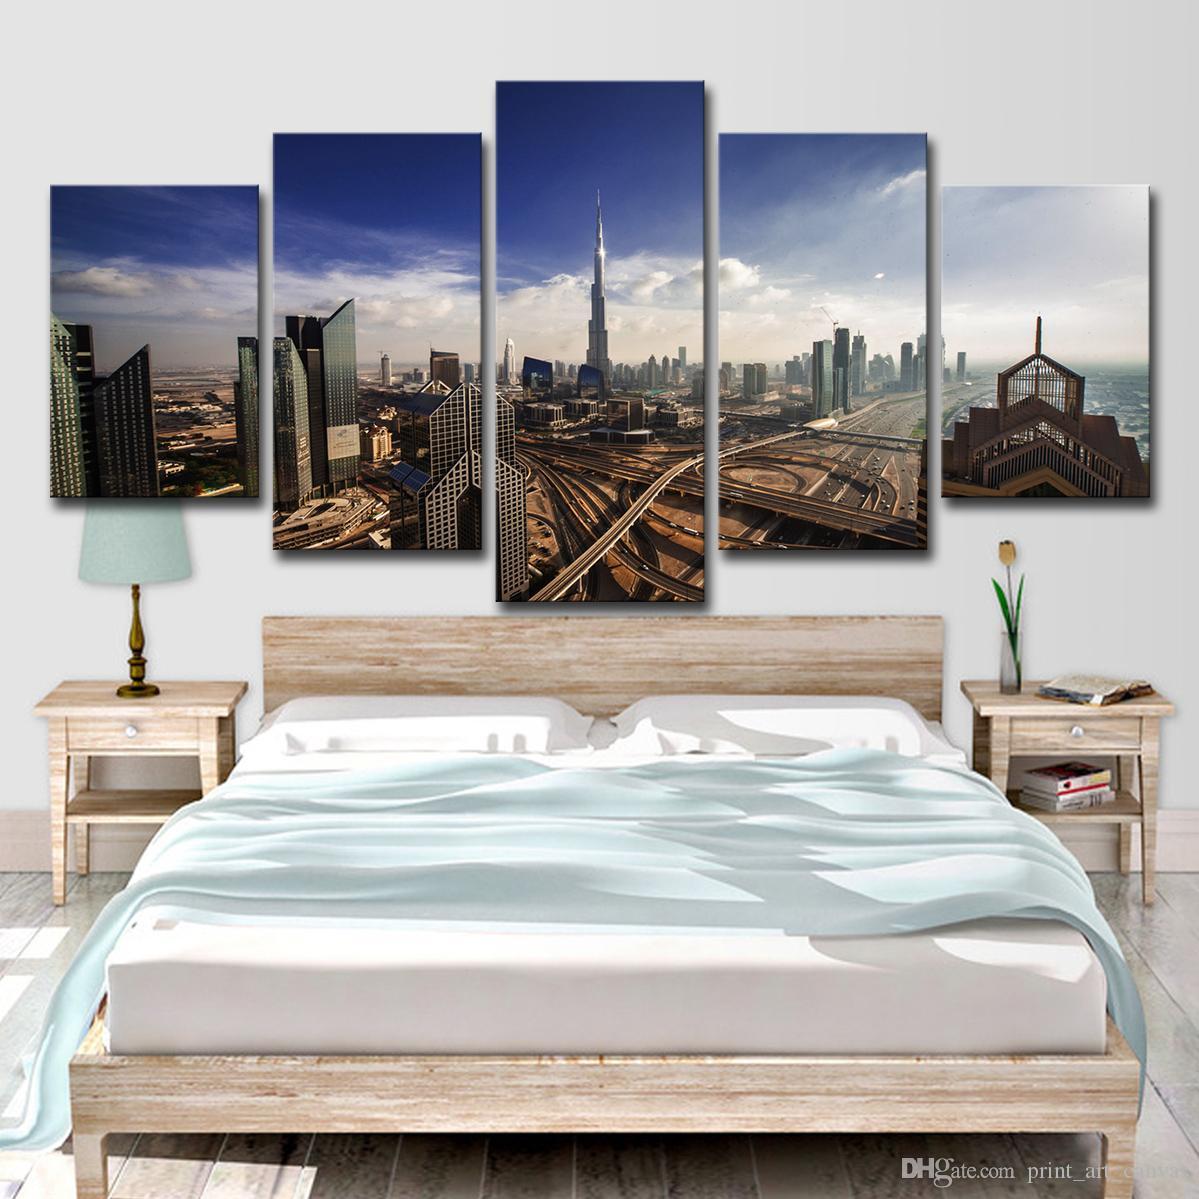 Современный пейзаж плакат HD печатных модульная Home Decor живопись 5 панель Dubai City Building холст стены искусства фотографии